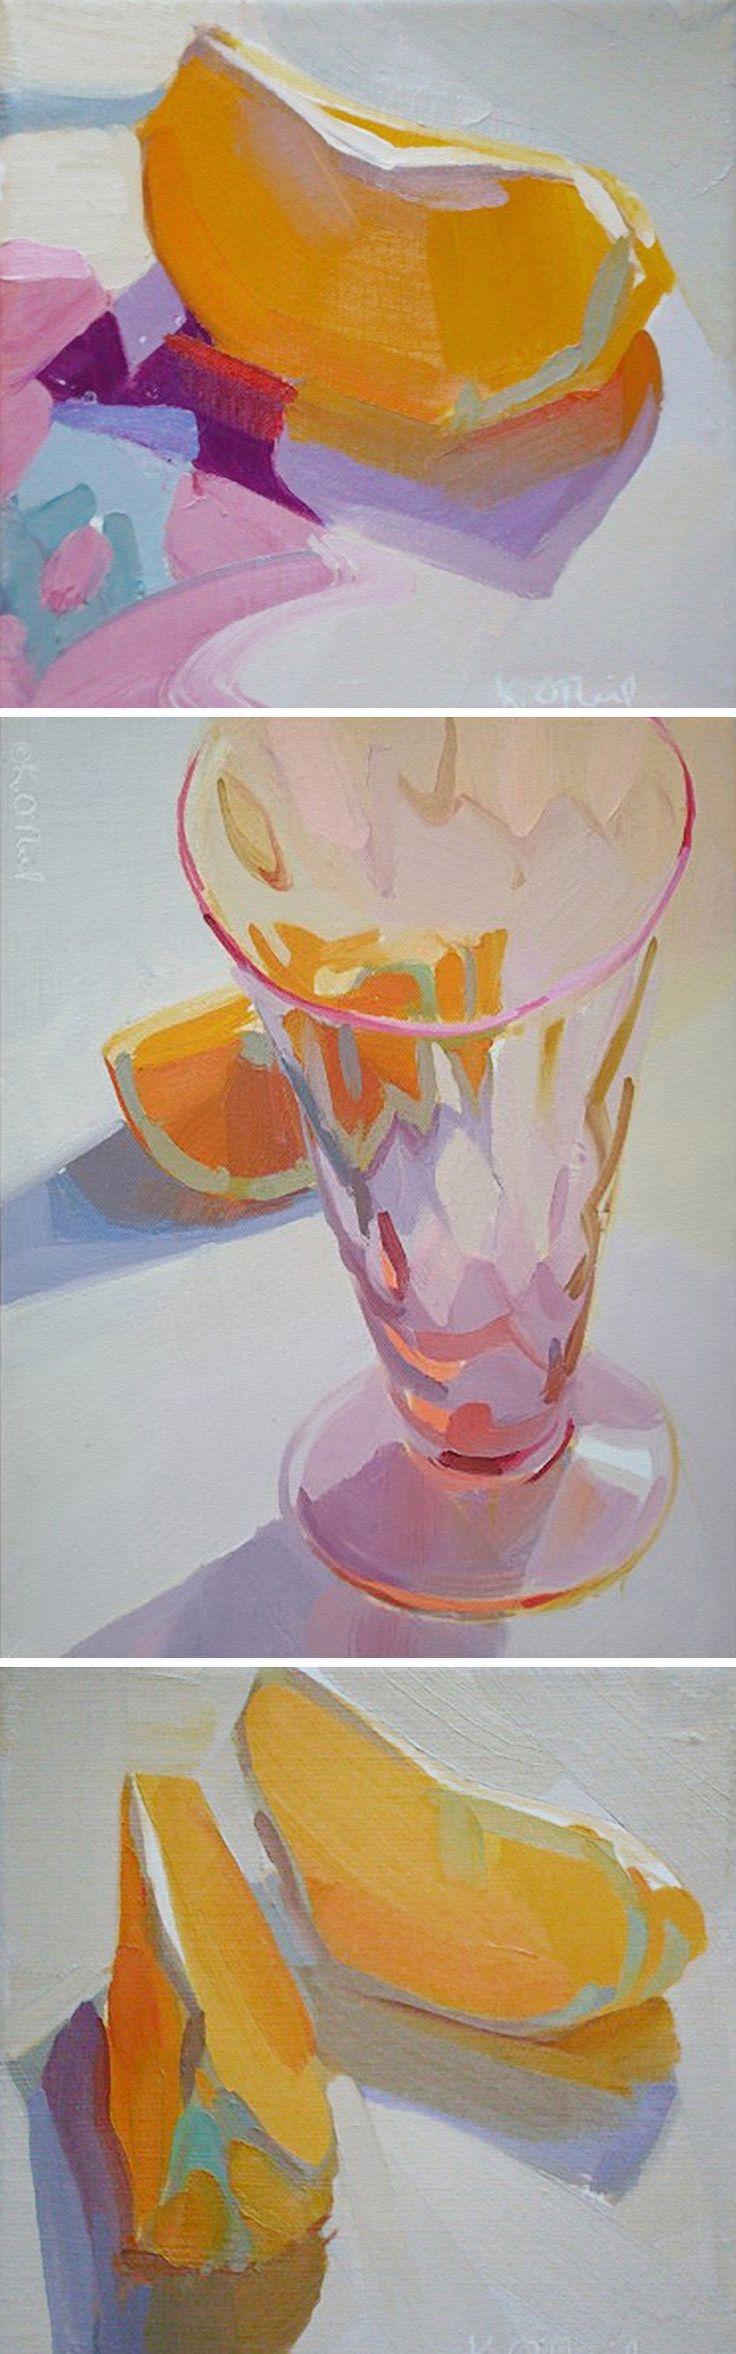 Karen O'Neil, lemon wedges still life fruit painting, 2014